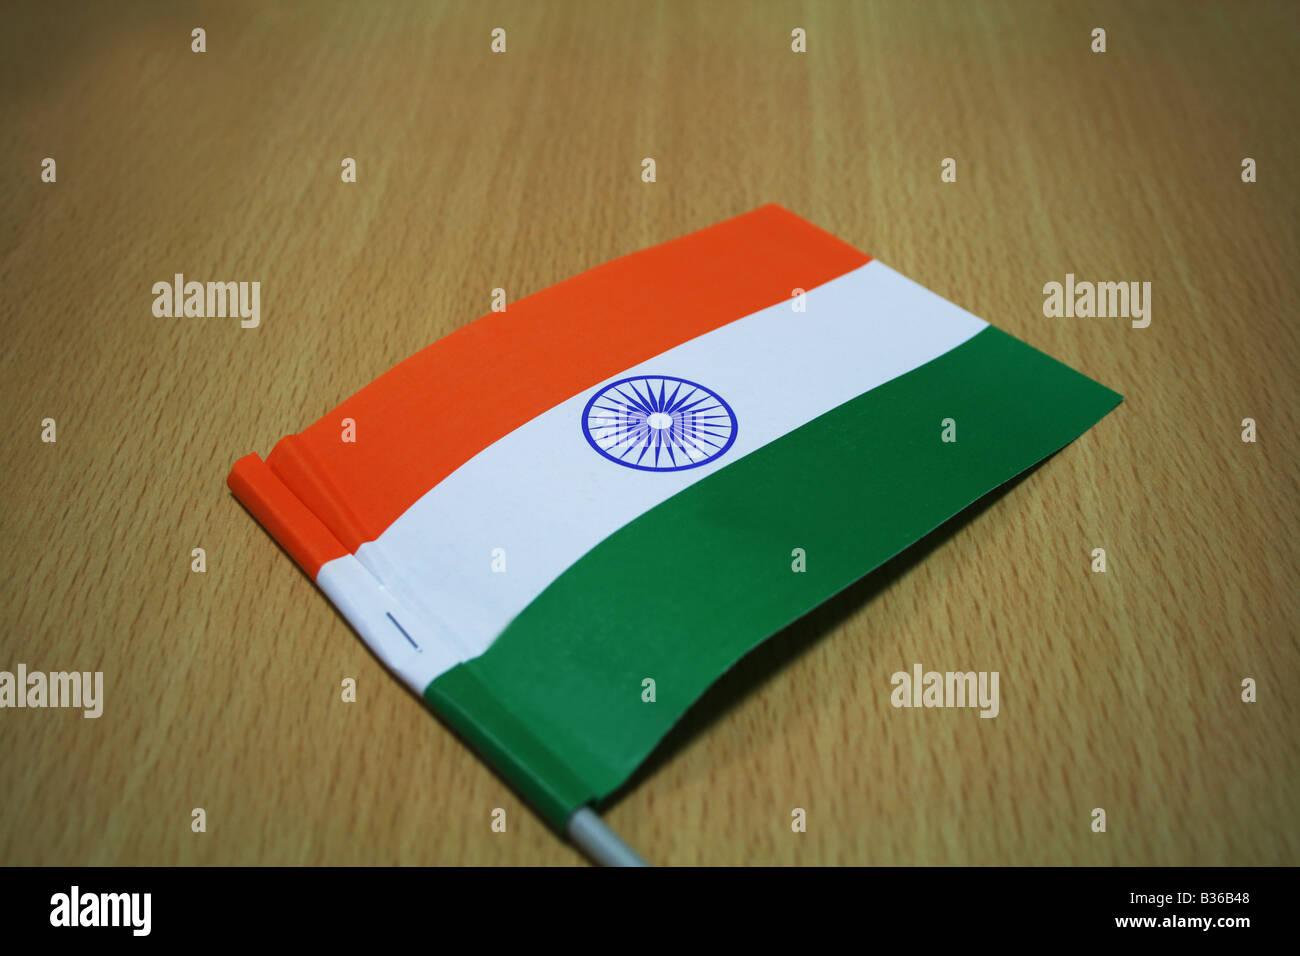 La cartouche 3 couleurs drapeau de l'Inde avec une roue de 24 rayons hissé sur le jour de l'indépendance 15 Aug est la fierté de chaque Indien Banque D'Images